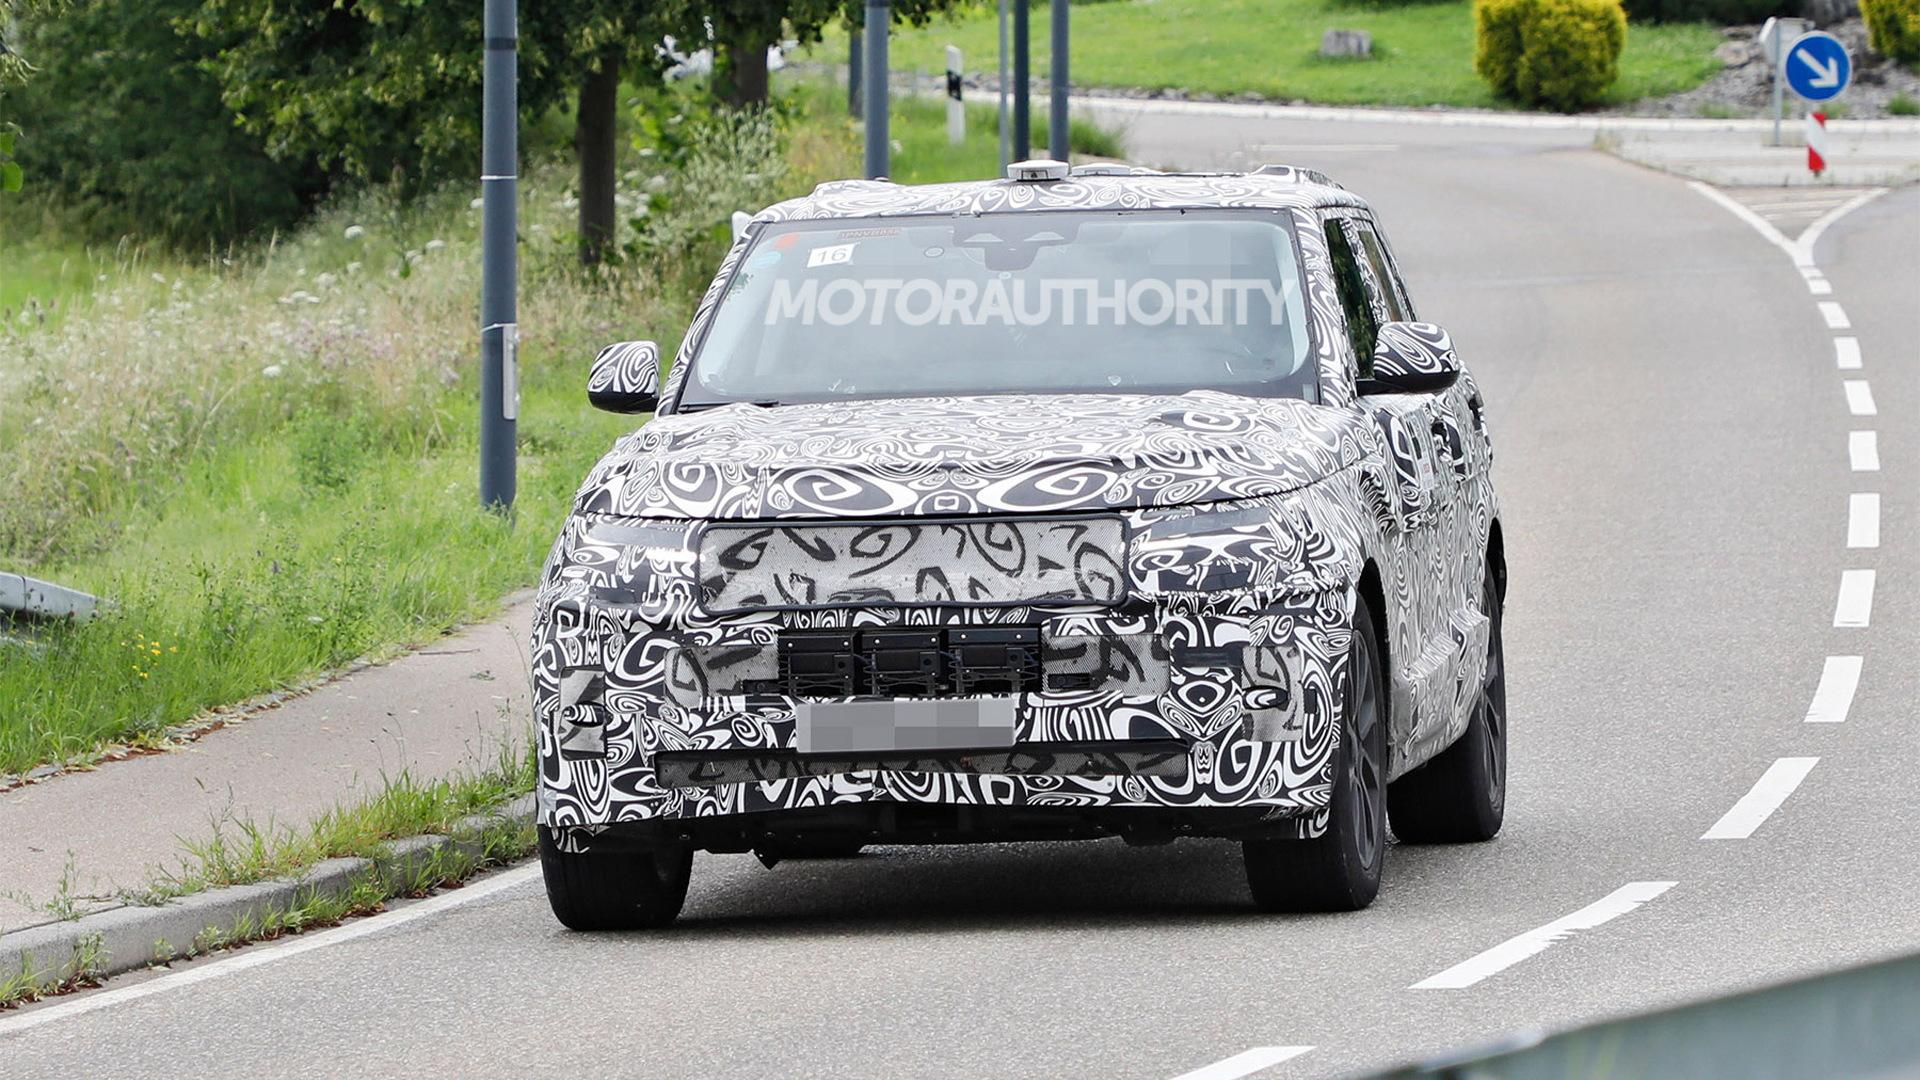 2024 Land Rover Range Rover Sport spy shots - Photo credit:S. Baldauf/SB-Medien